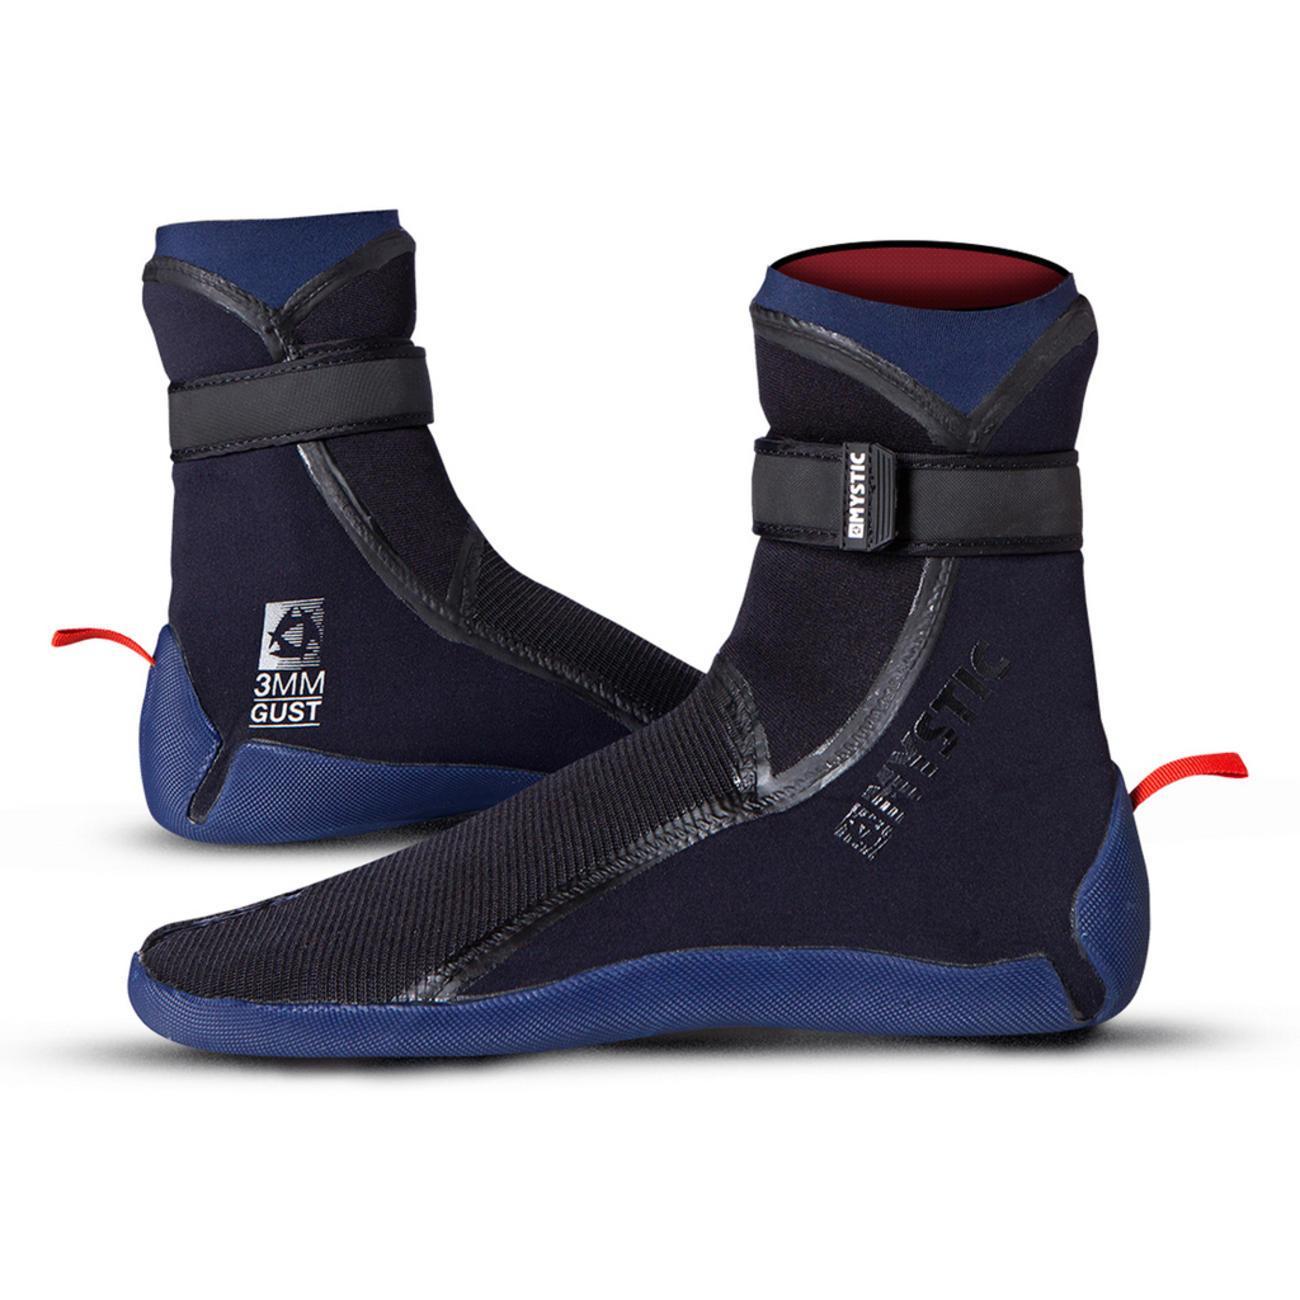 Gust Semi Boot 3mm Split-toe